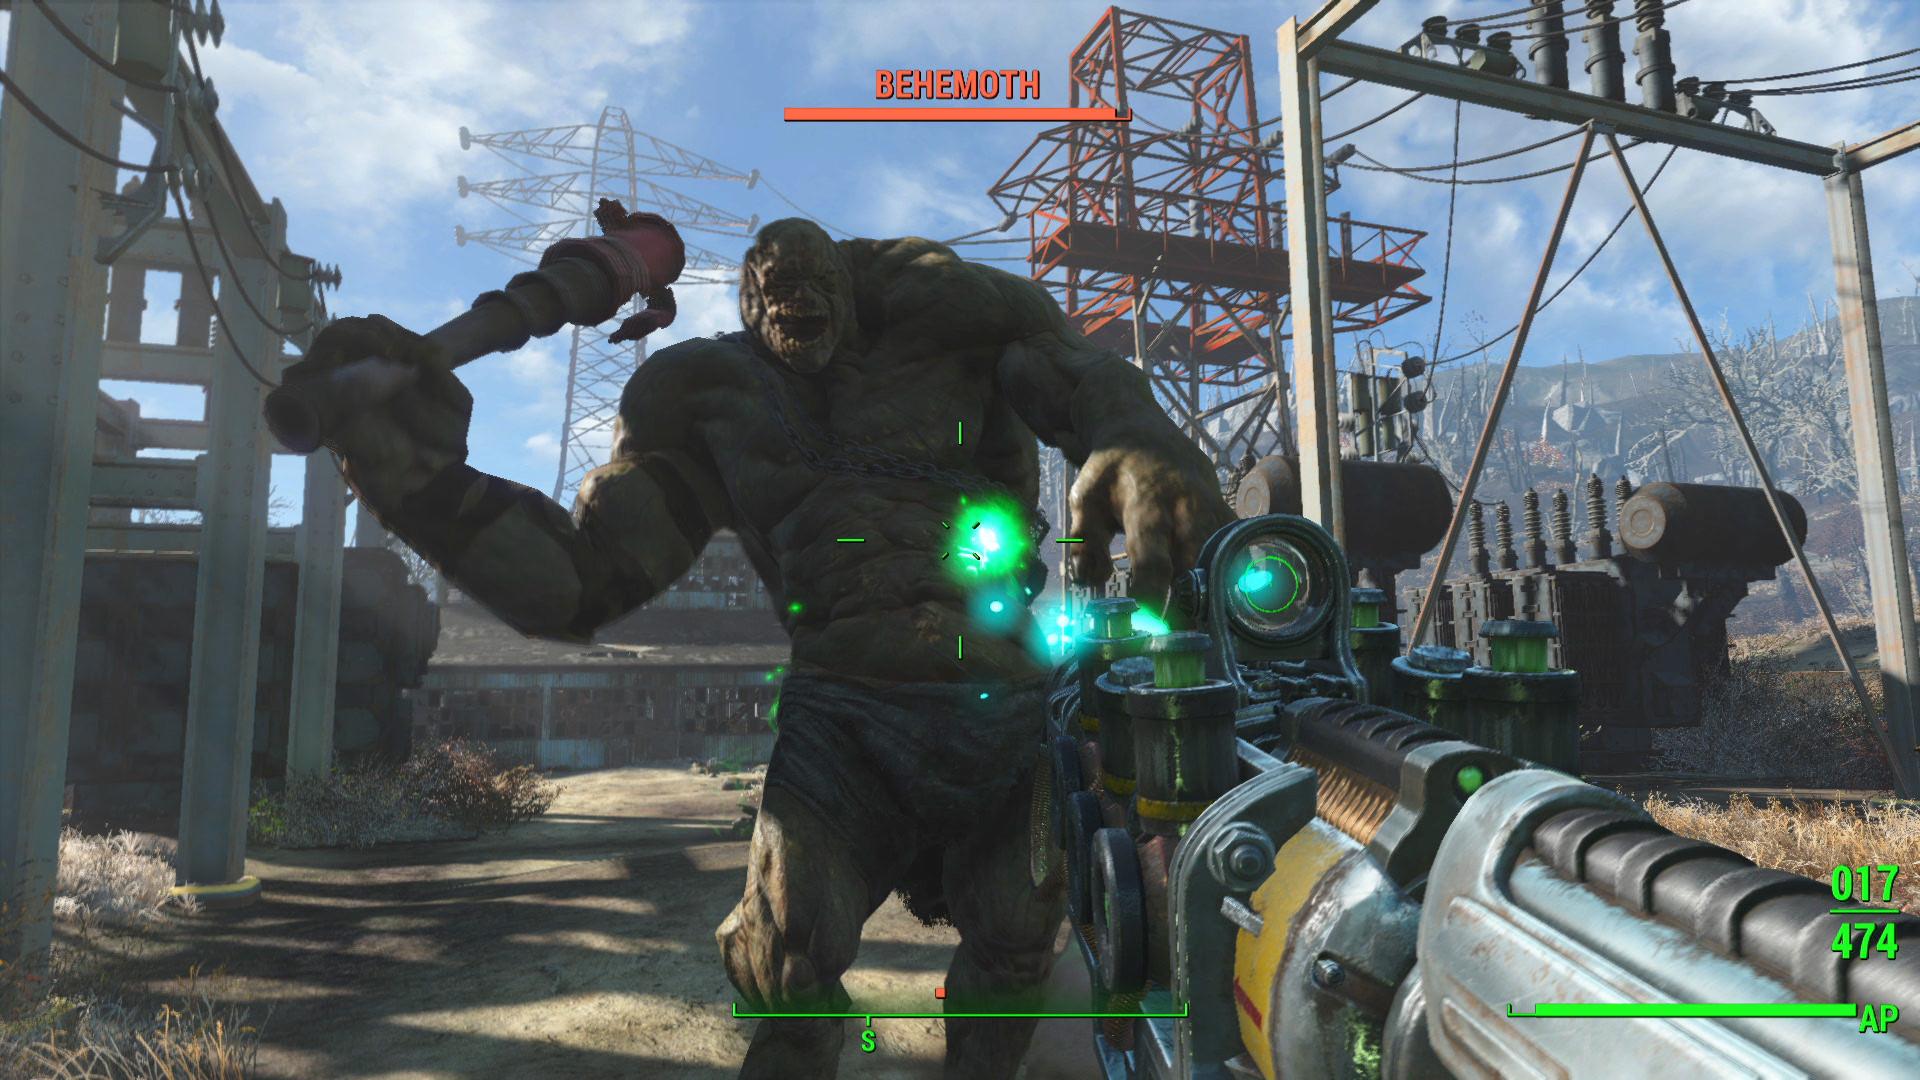 Fallout 4 ESPAÑOL PC Full + Update v1.1.30 (CODEX) + REPACK 5 DVD5 (JPW) 7